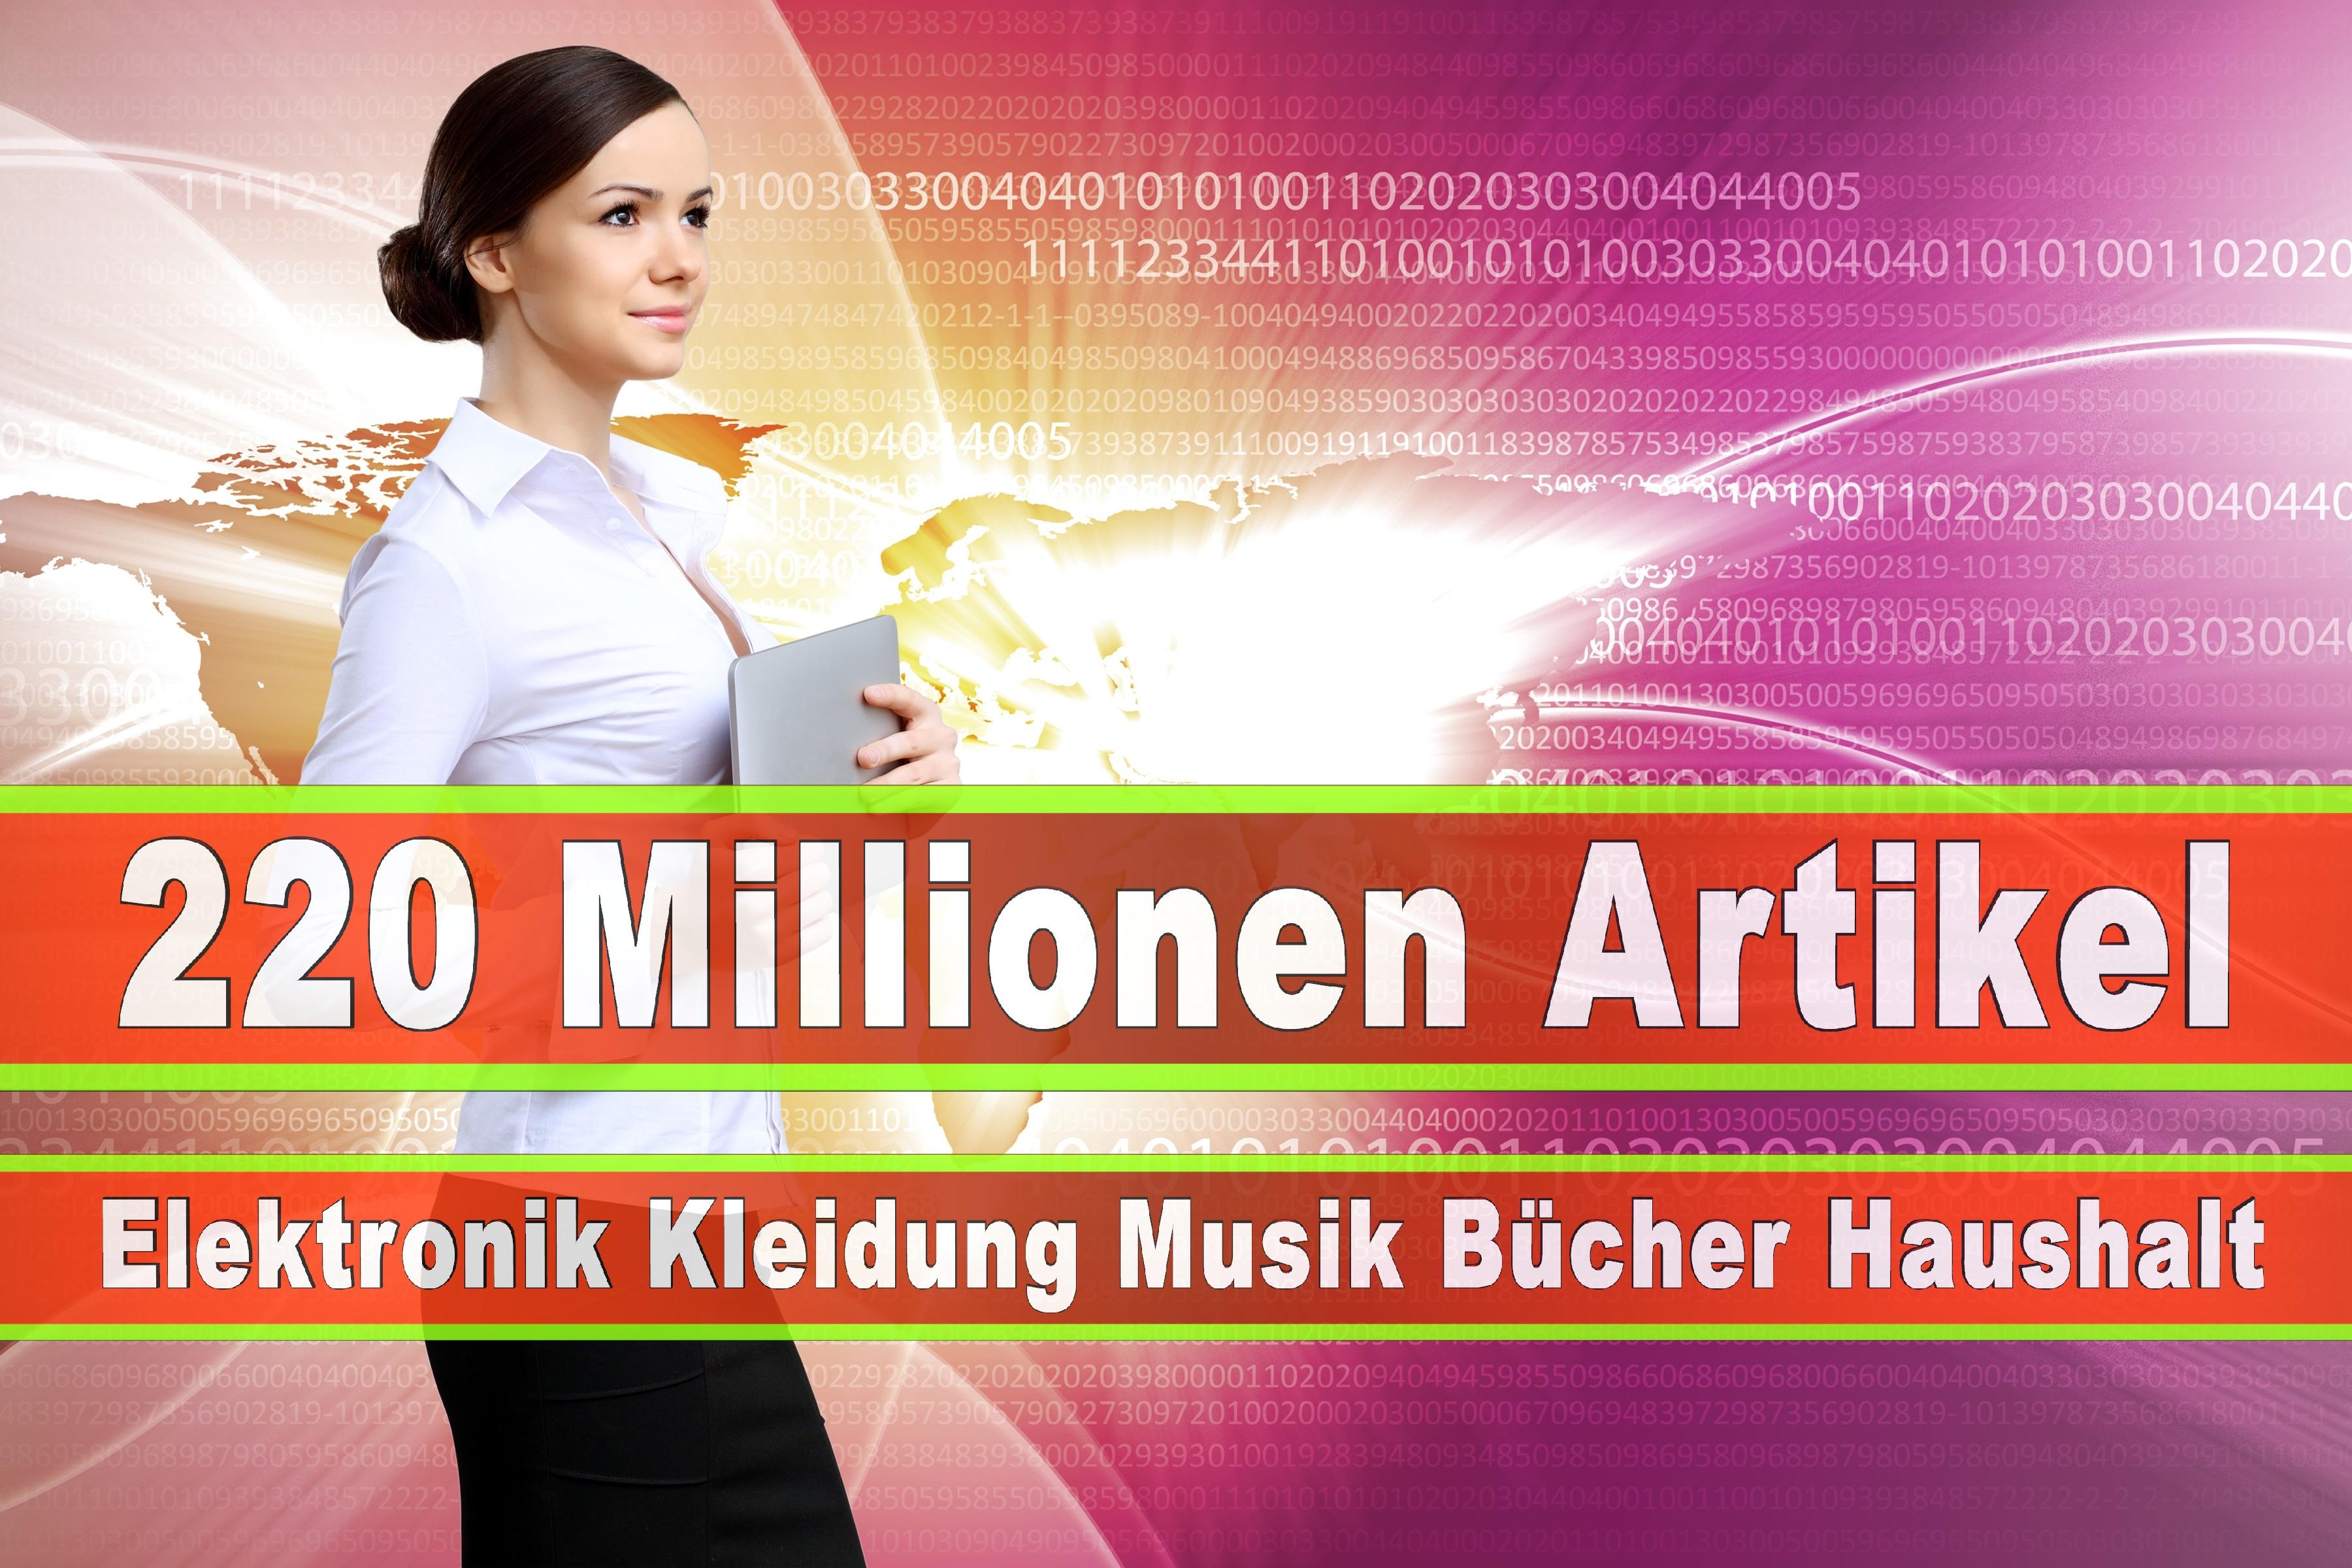 Amazon Elektronik Musik Haushalt Bücher CD DVD Handys Smartphones TV Television Fernseher Kleidung Mode Ebay Versandhaus (93)